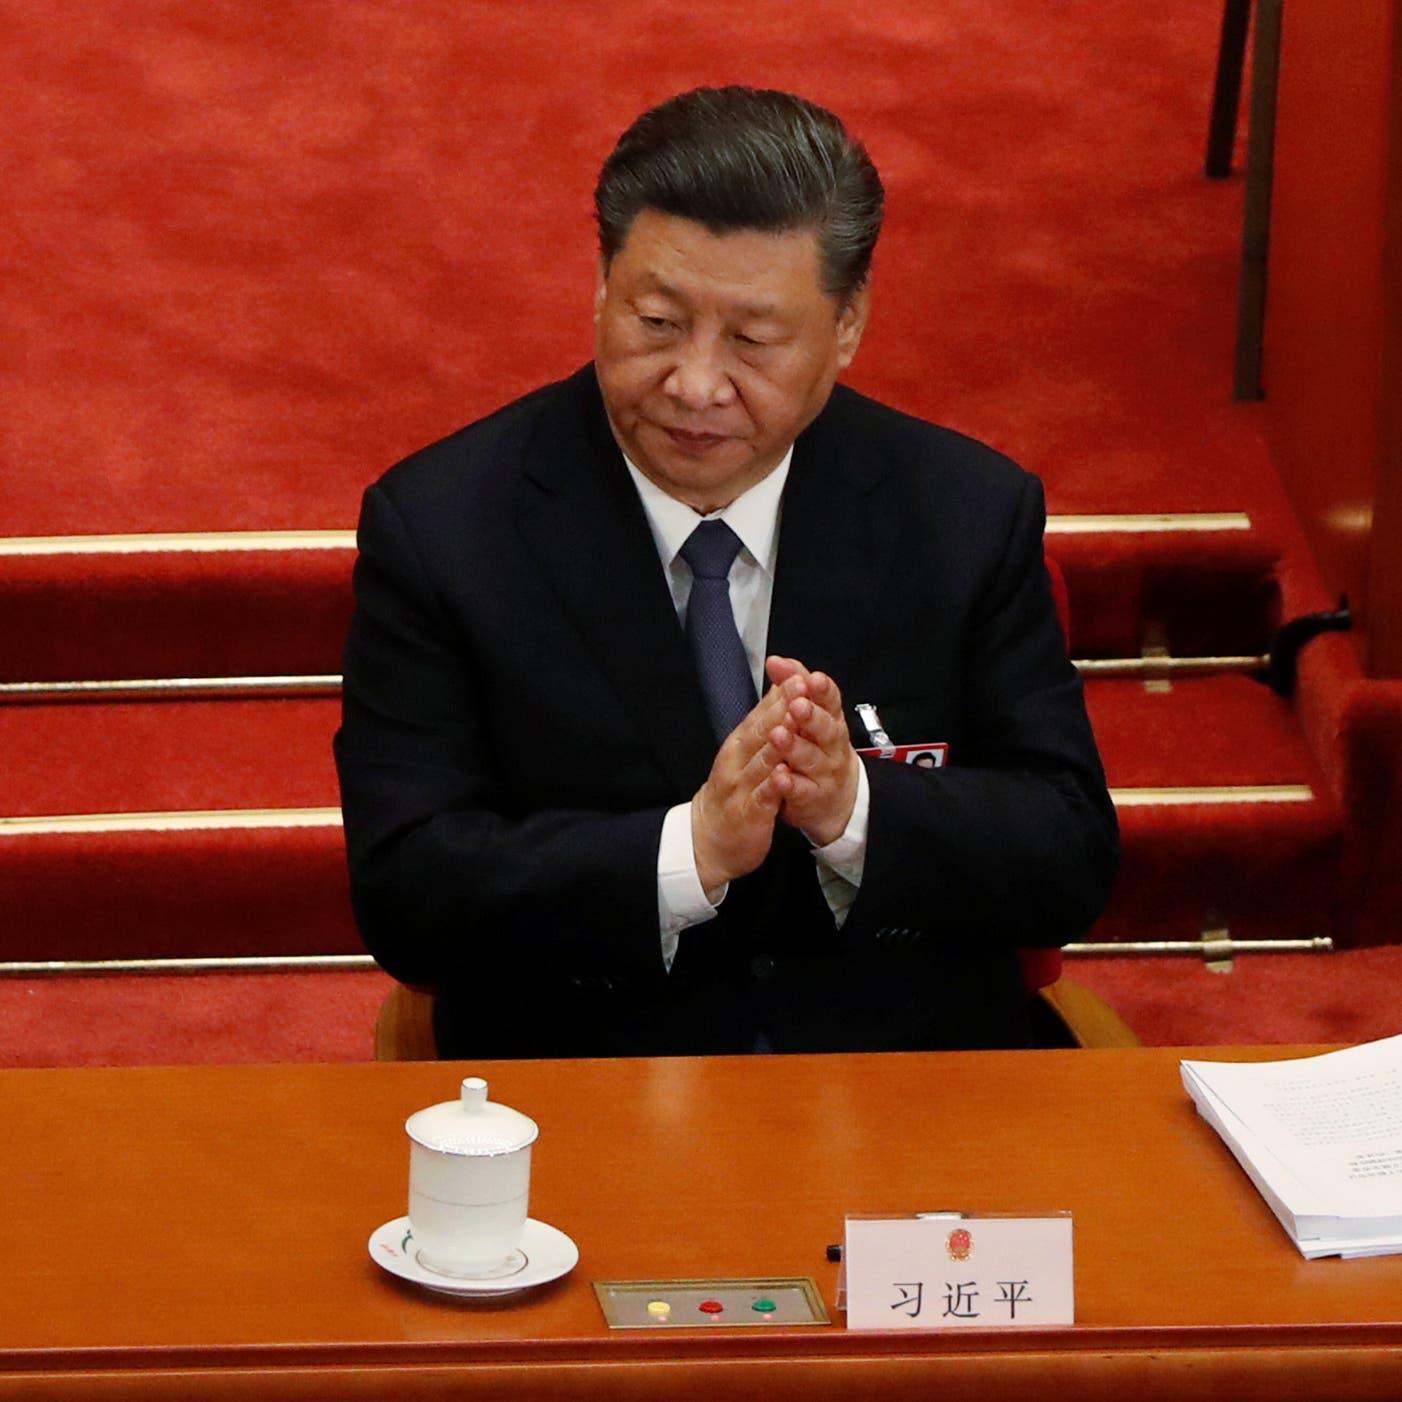 رئيس الصين يدعو للاستعداد للقتال المسلح وسط تفشي كورونا